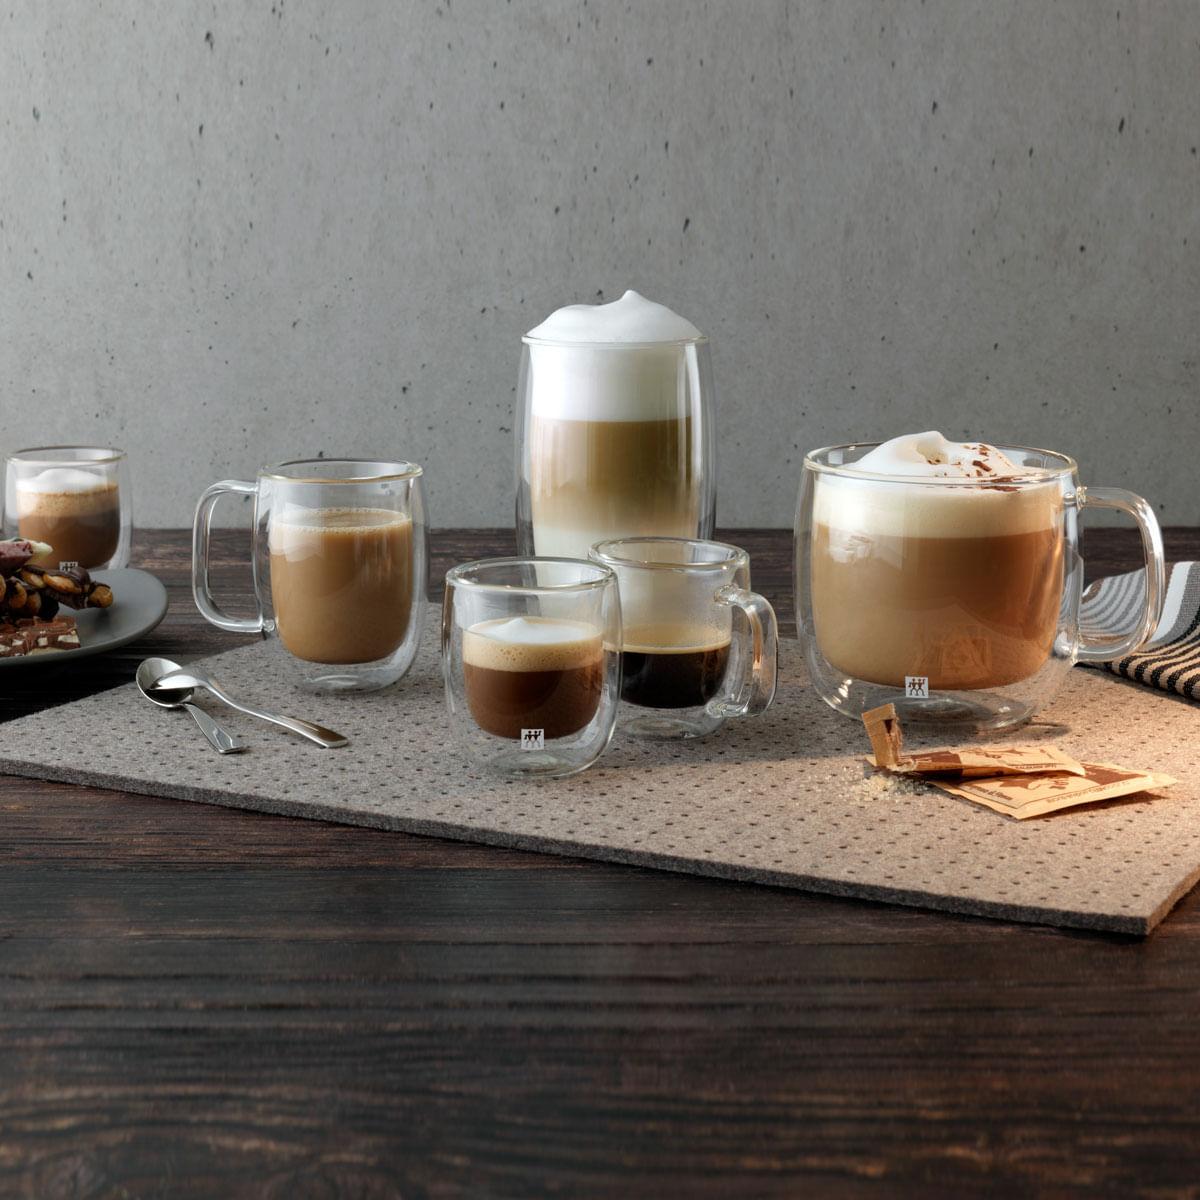 Caneca Espresso Sorrento com alça Plus 2 Peças Parede Dupla Vidro 80 ml Zwilling J.A. Henckels